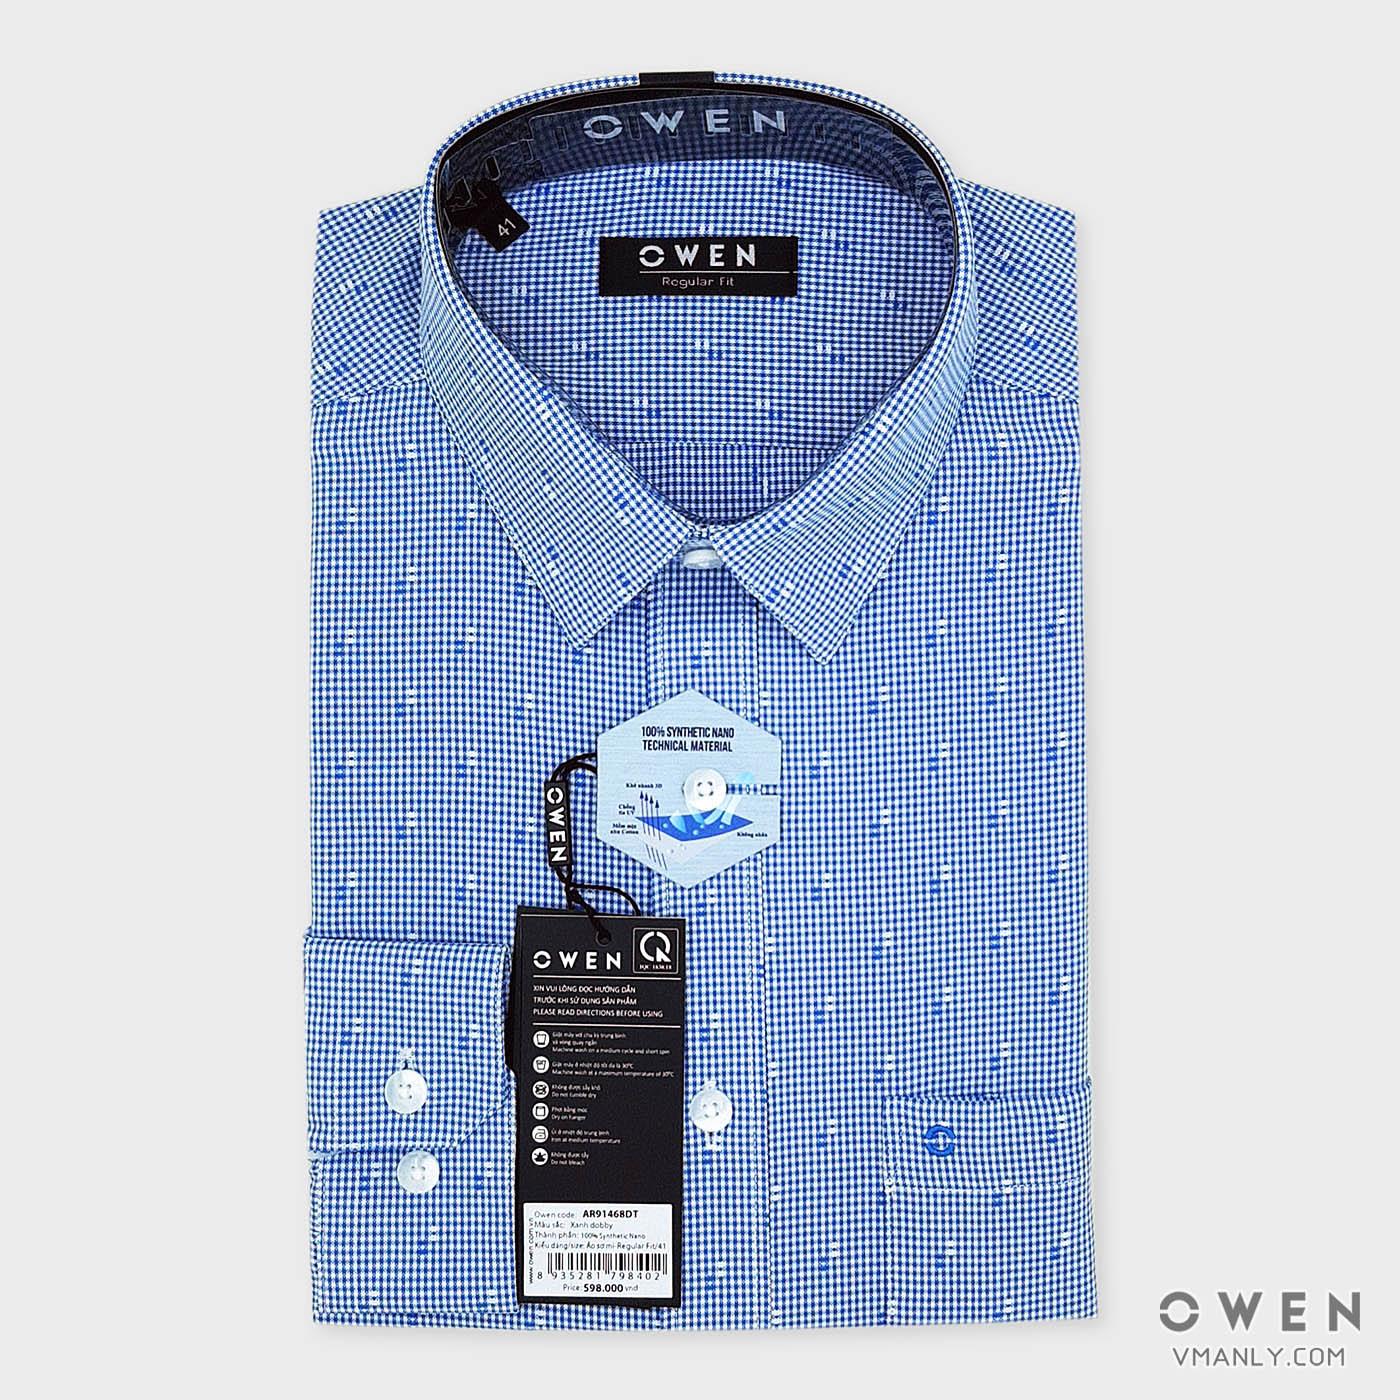 Áo sơ mi nam dài tay Owen có túi màu xanh kẻ caro AR91468DT